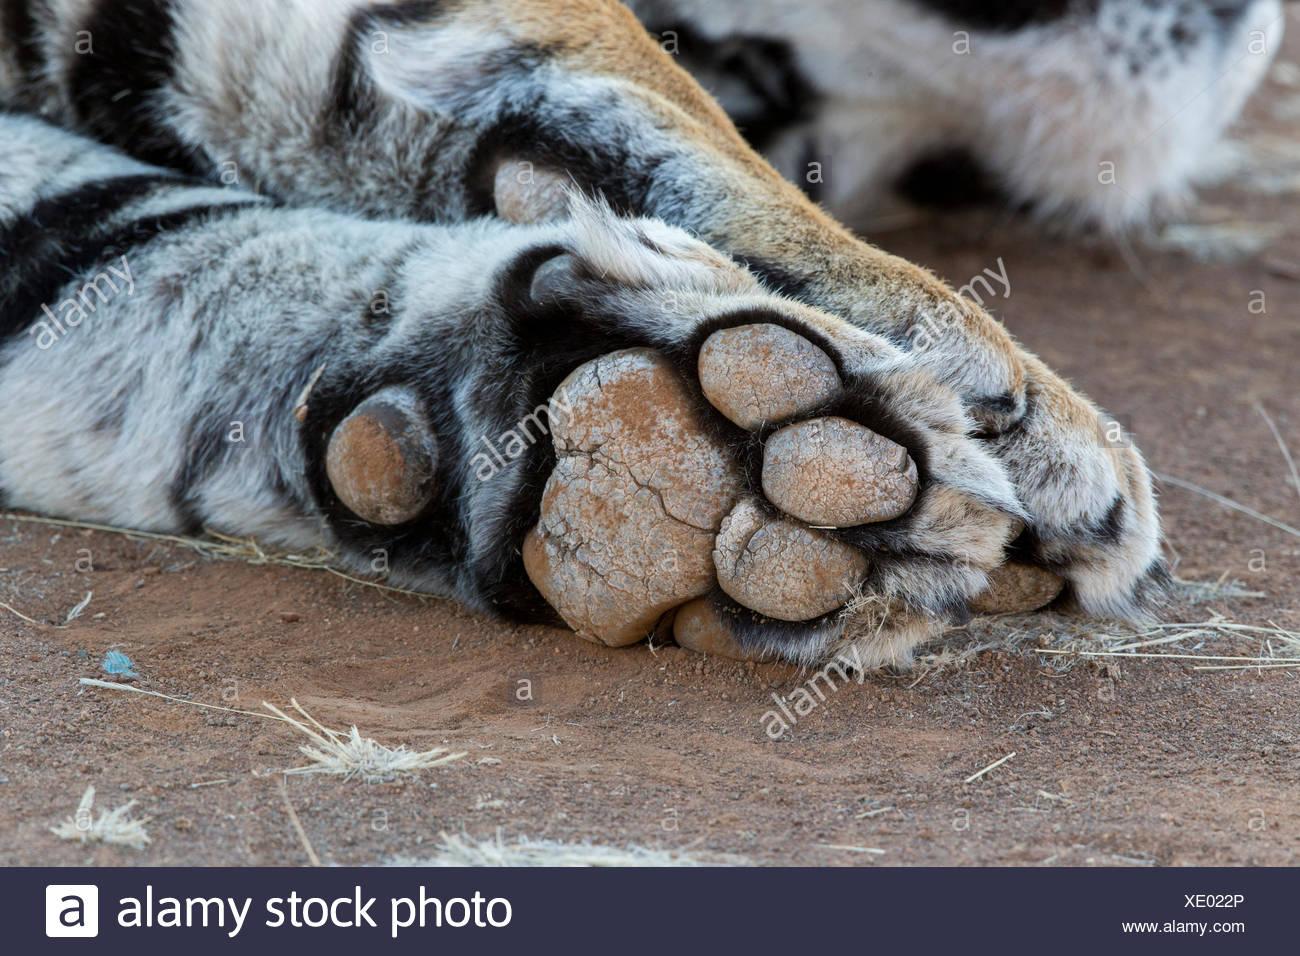 White Asian (Bengal) Tiger (Panthera tigris tigris), forlegs, paw, sole of foot visible - Stock Image